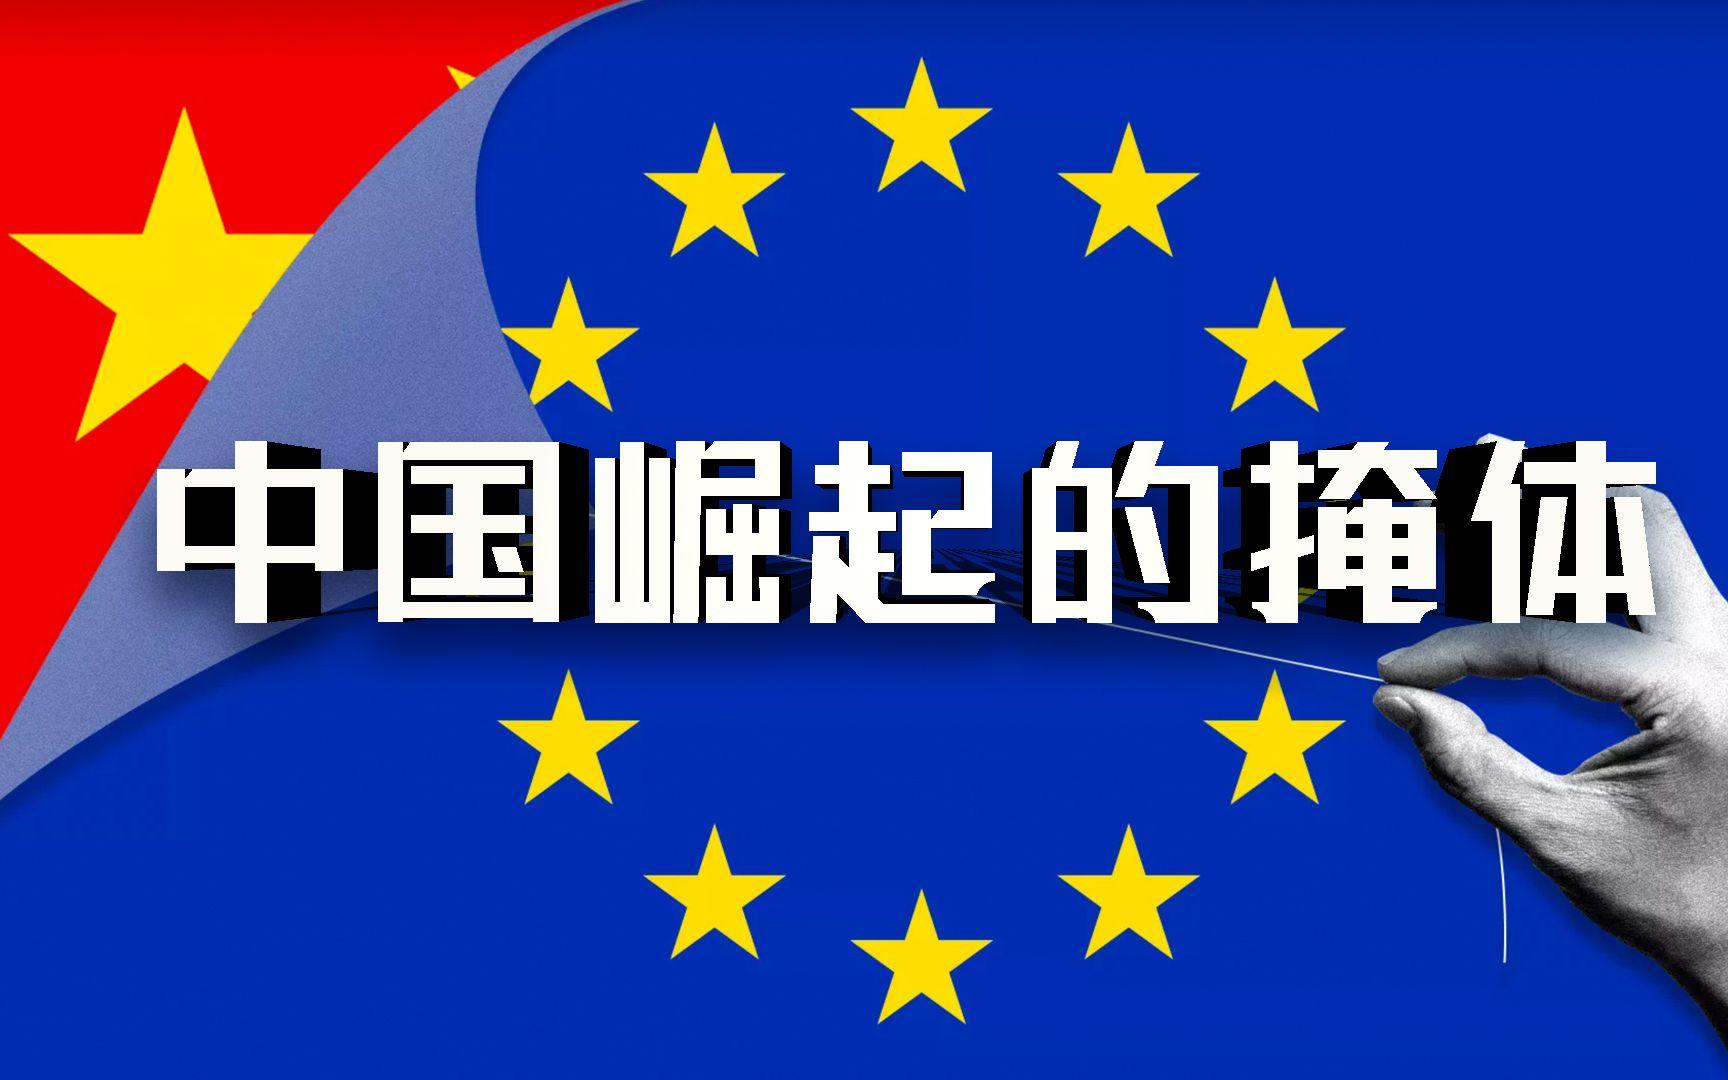 【政经启翟】欧盟又开始追求大一统了?中国先笑出了声……